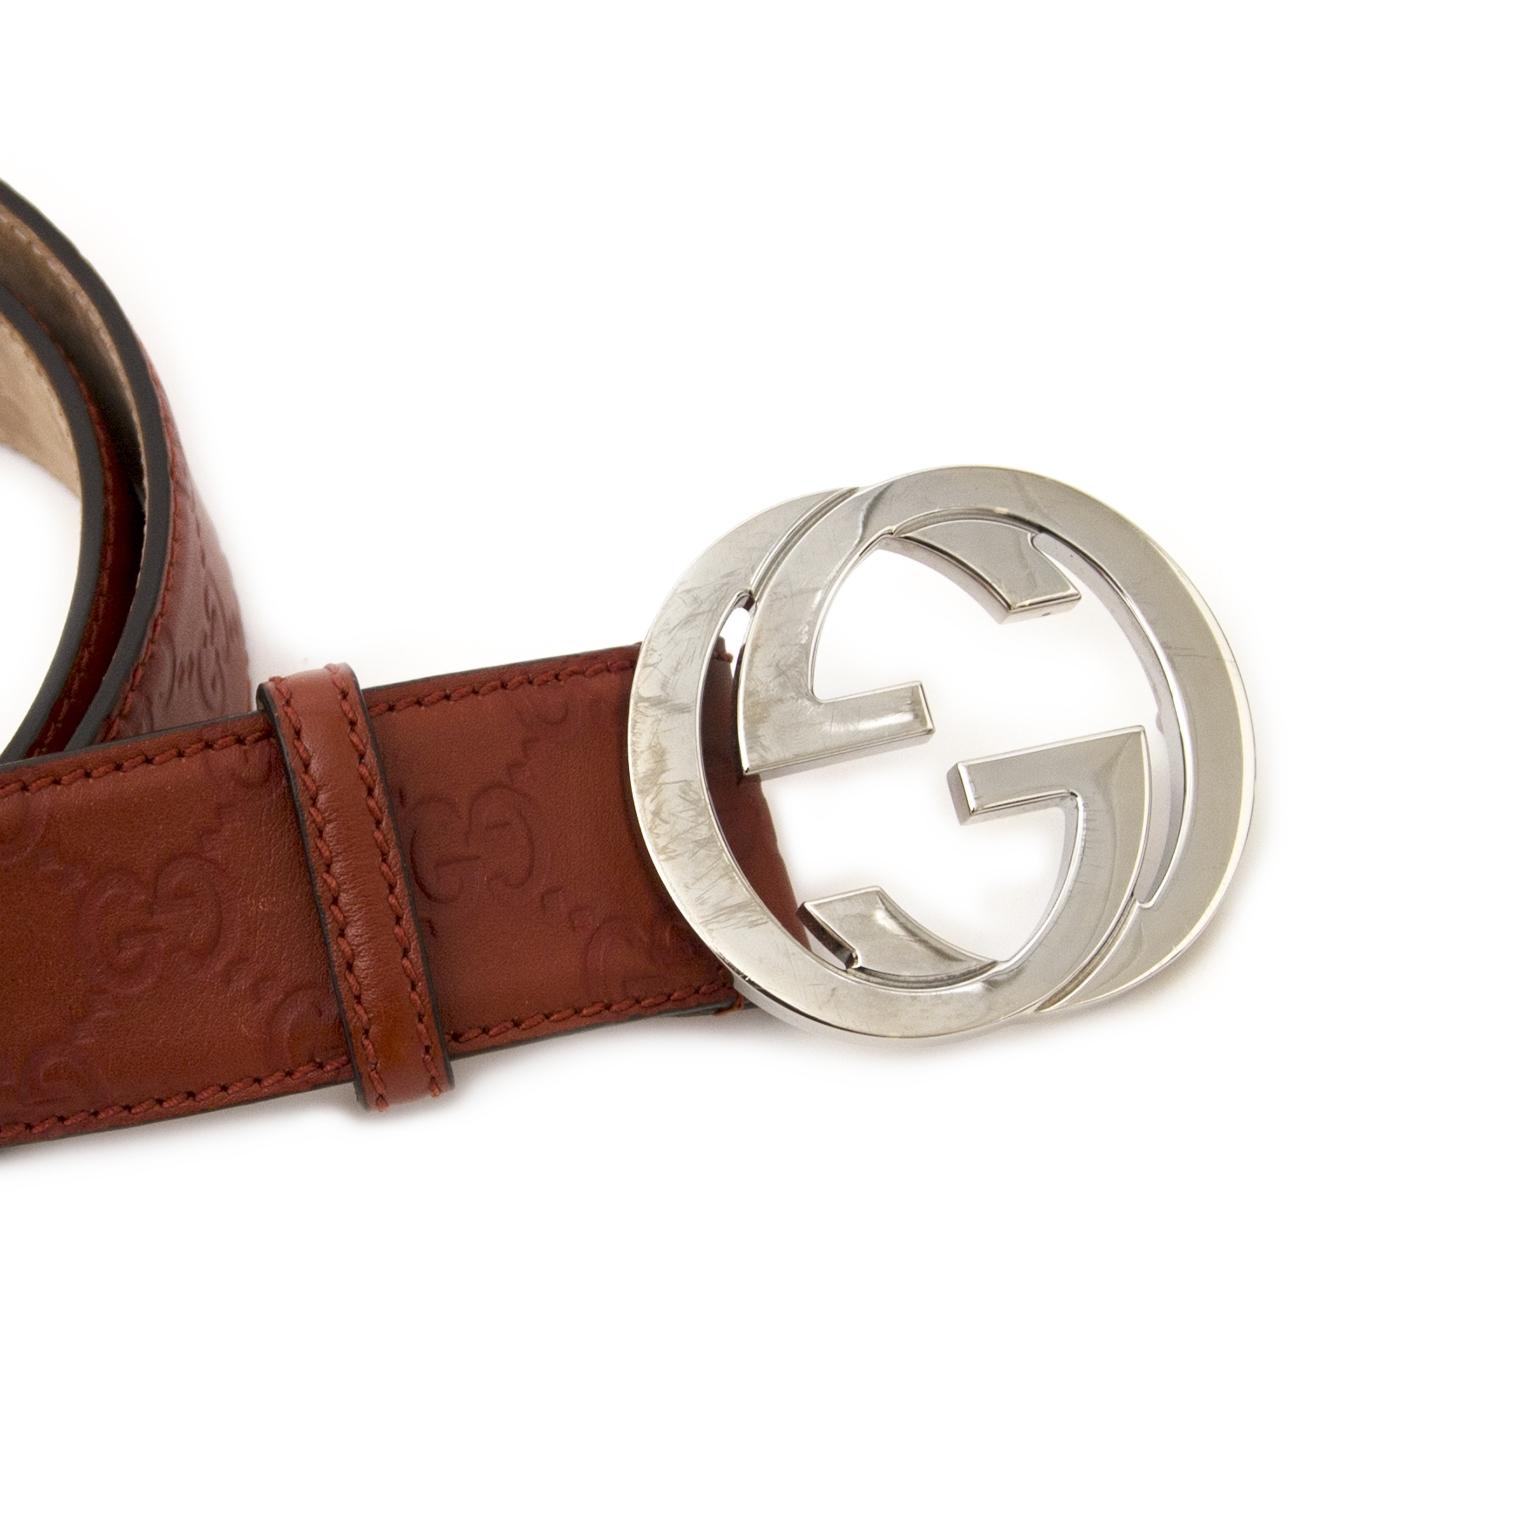 Koop uw authentieke designer Gucci Rusty Red Logo Leather Belt - size 95 aan de beste prijs